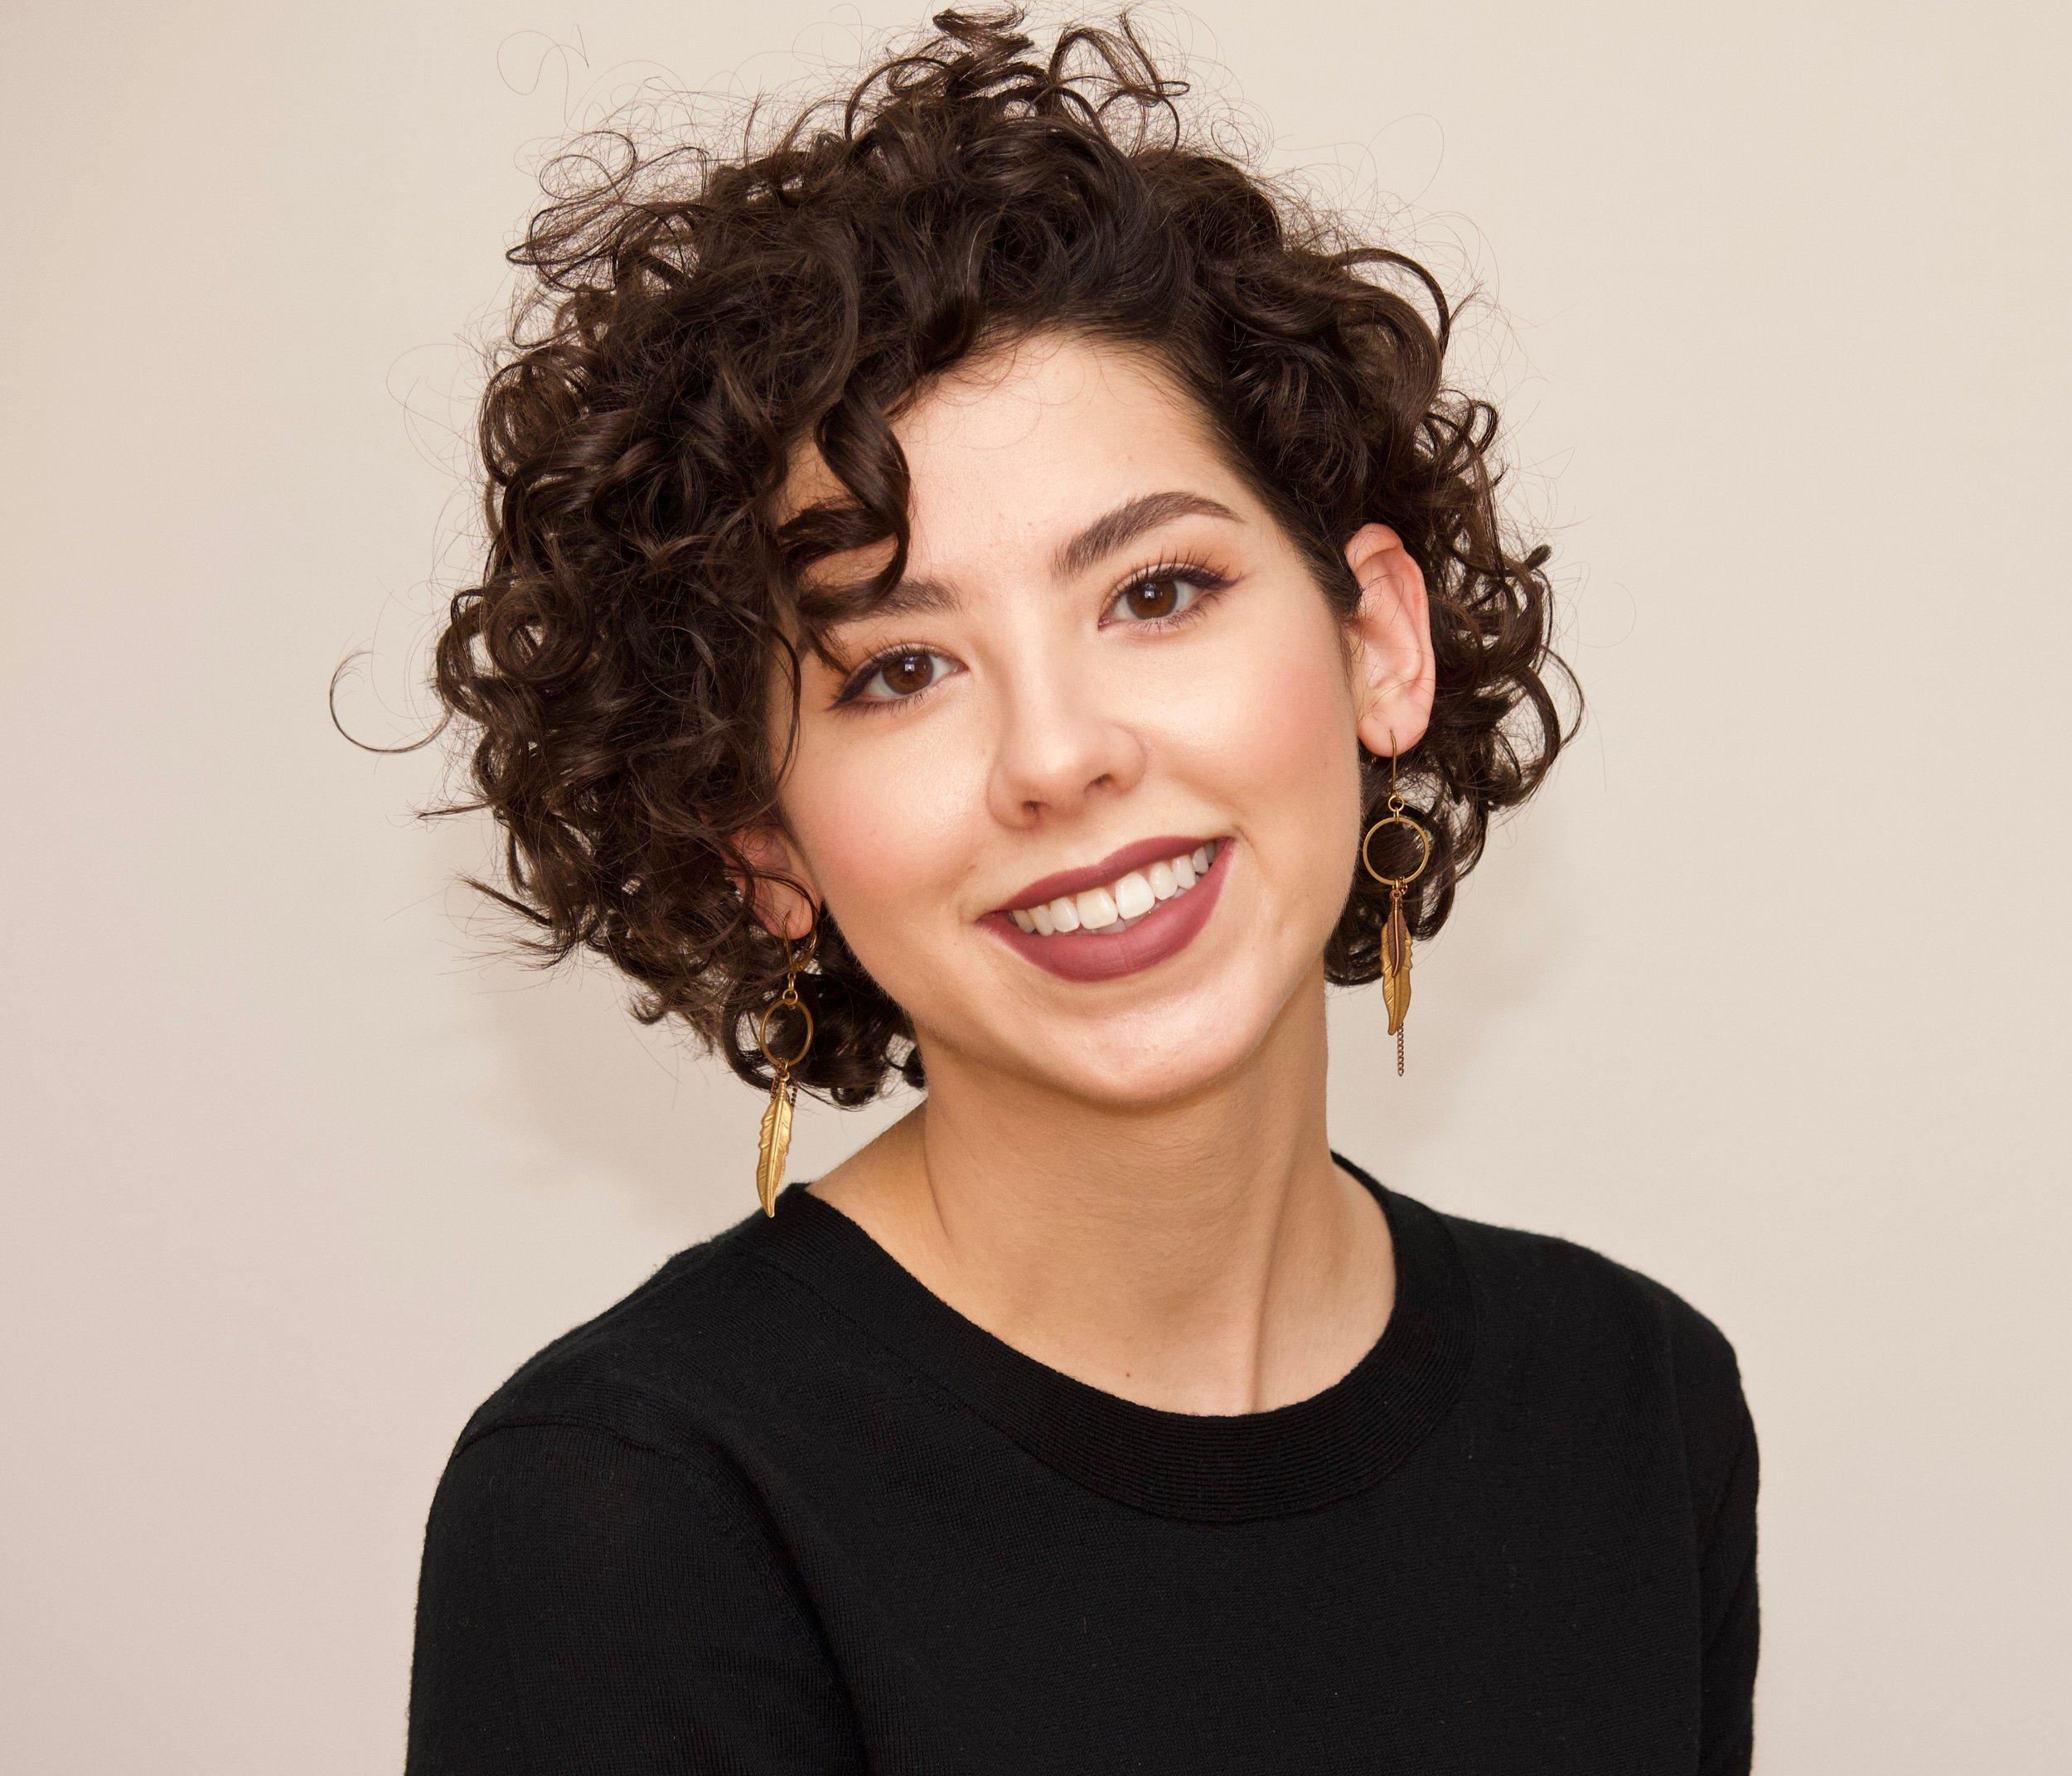 Marie Civitarese Headshot - Calgary.jpg